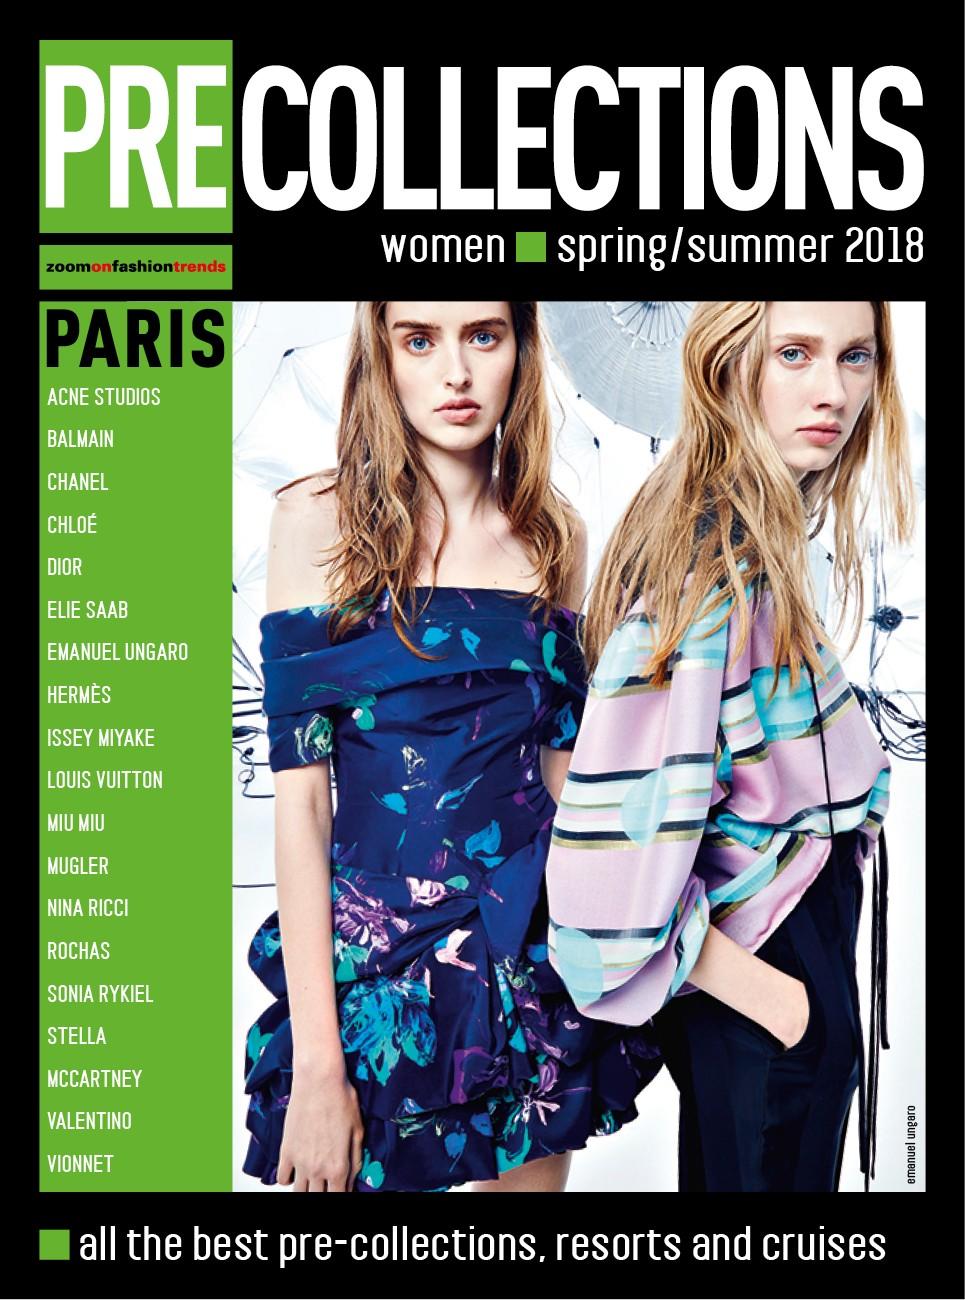 PRE-COLLECTIONS PARIS